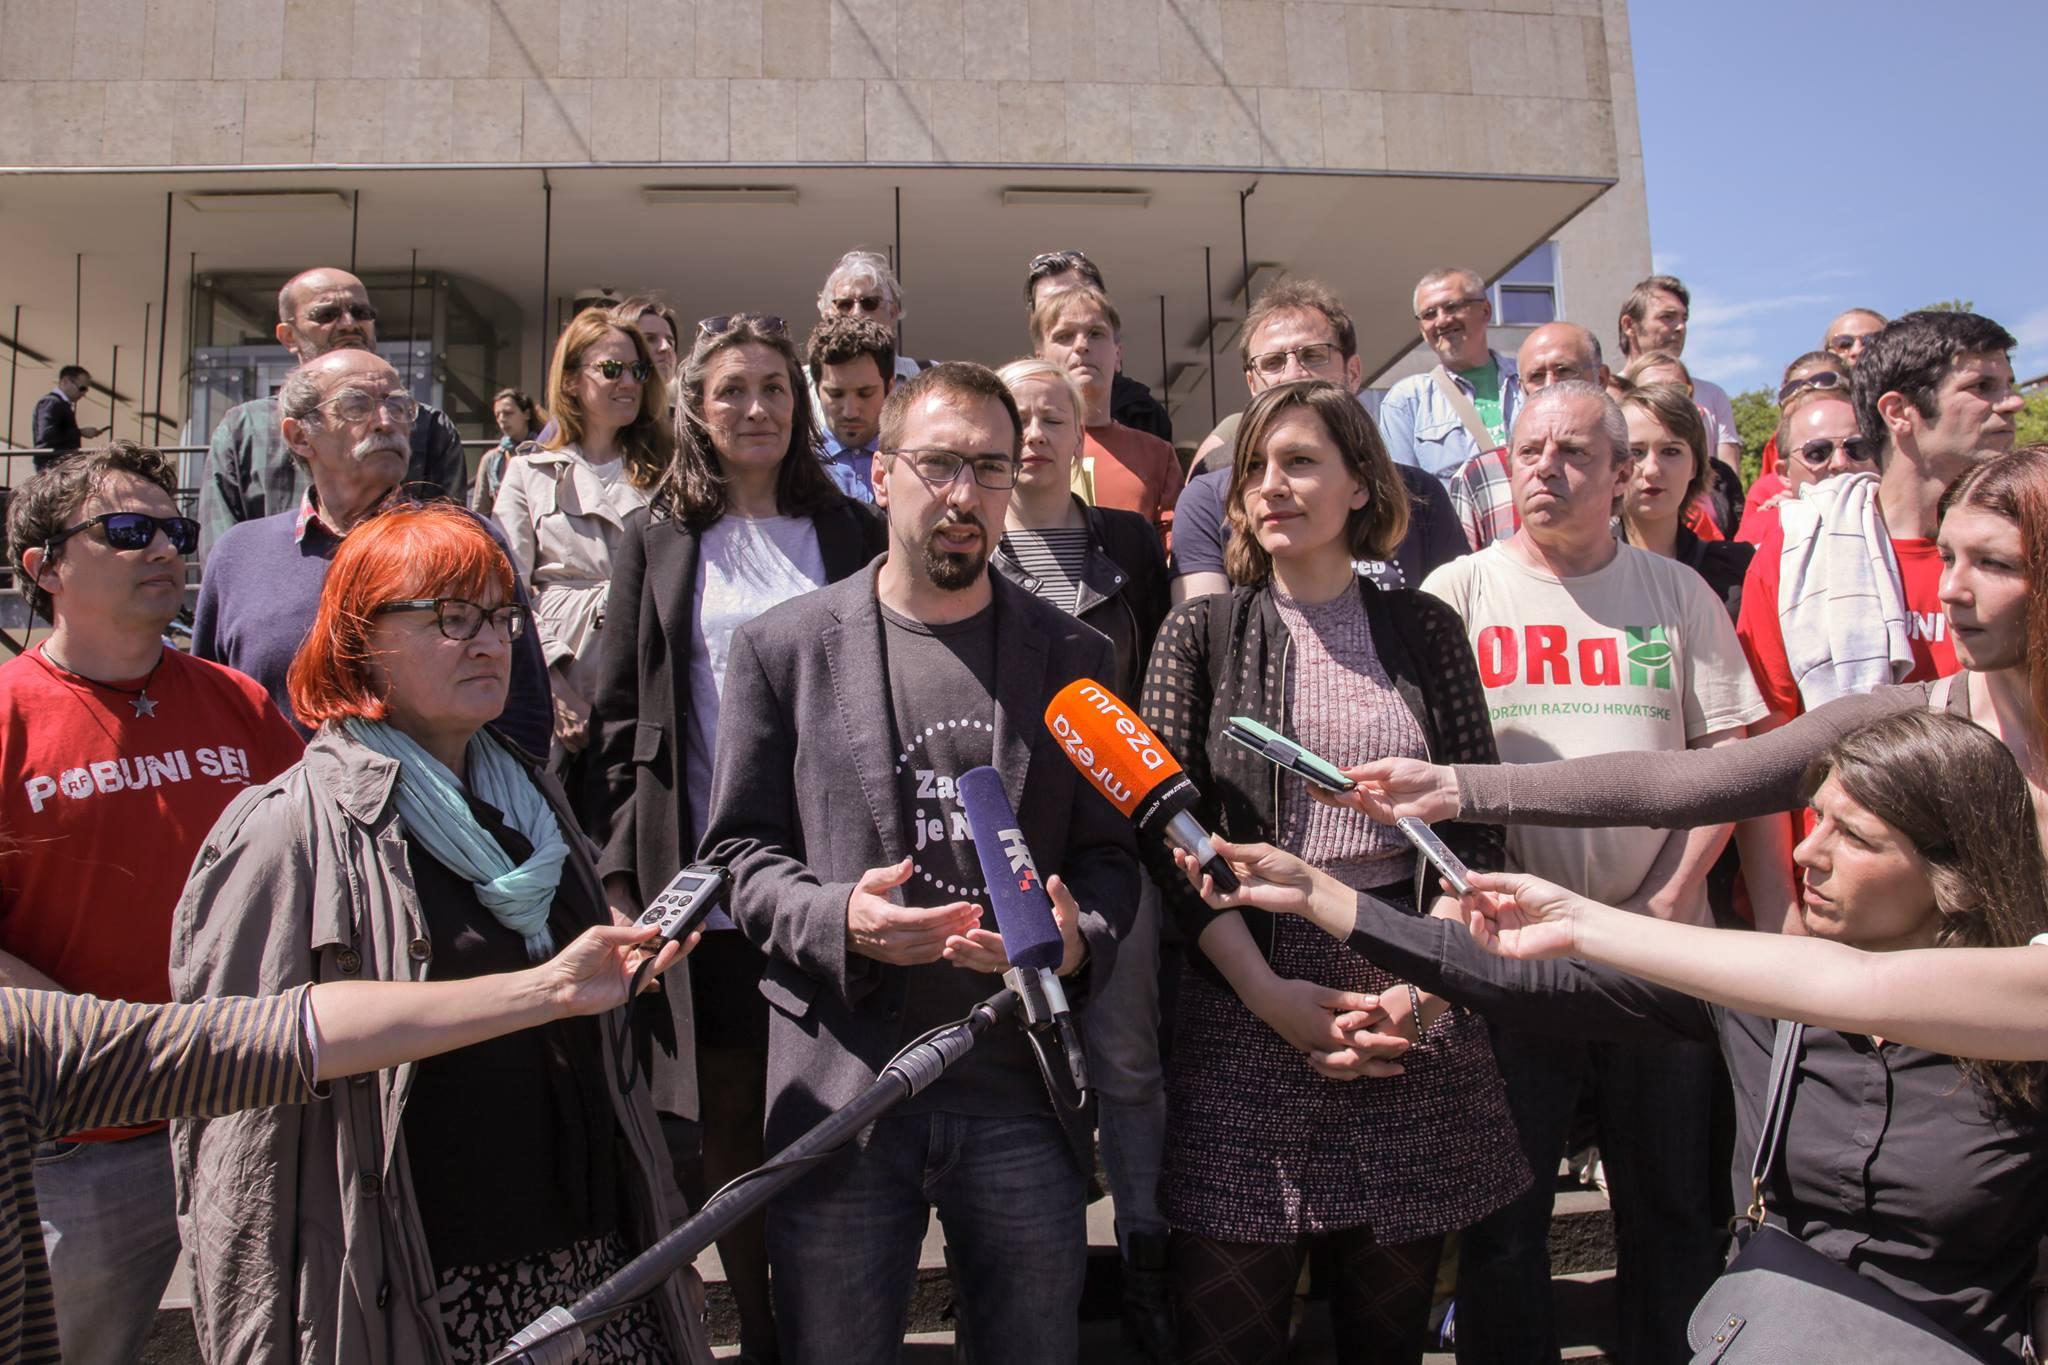 Predali smo zajedničku listu za Gradsku skupštinu koalicije Zagreb je naš! – Nova ljevica – ORaH – Radnička fronta – Za grad i prikupili dovoljan broj potpisa za kandidaturu za gradonačelnika